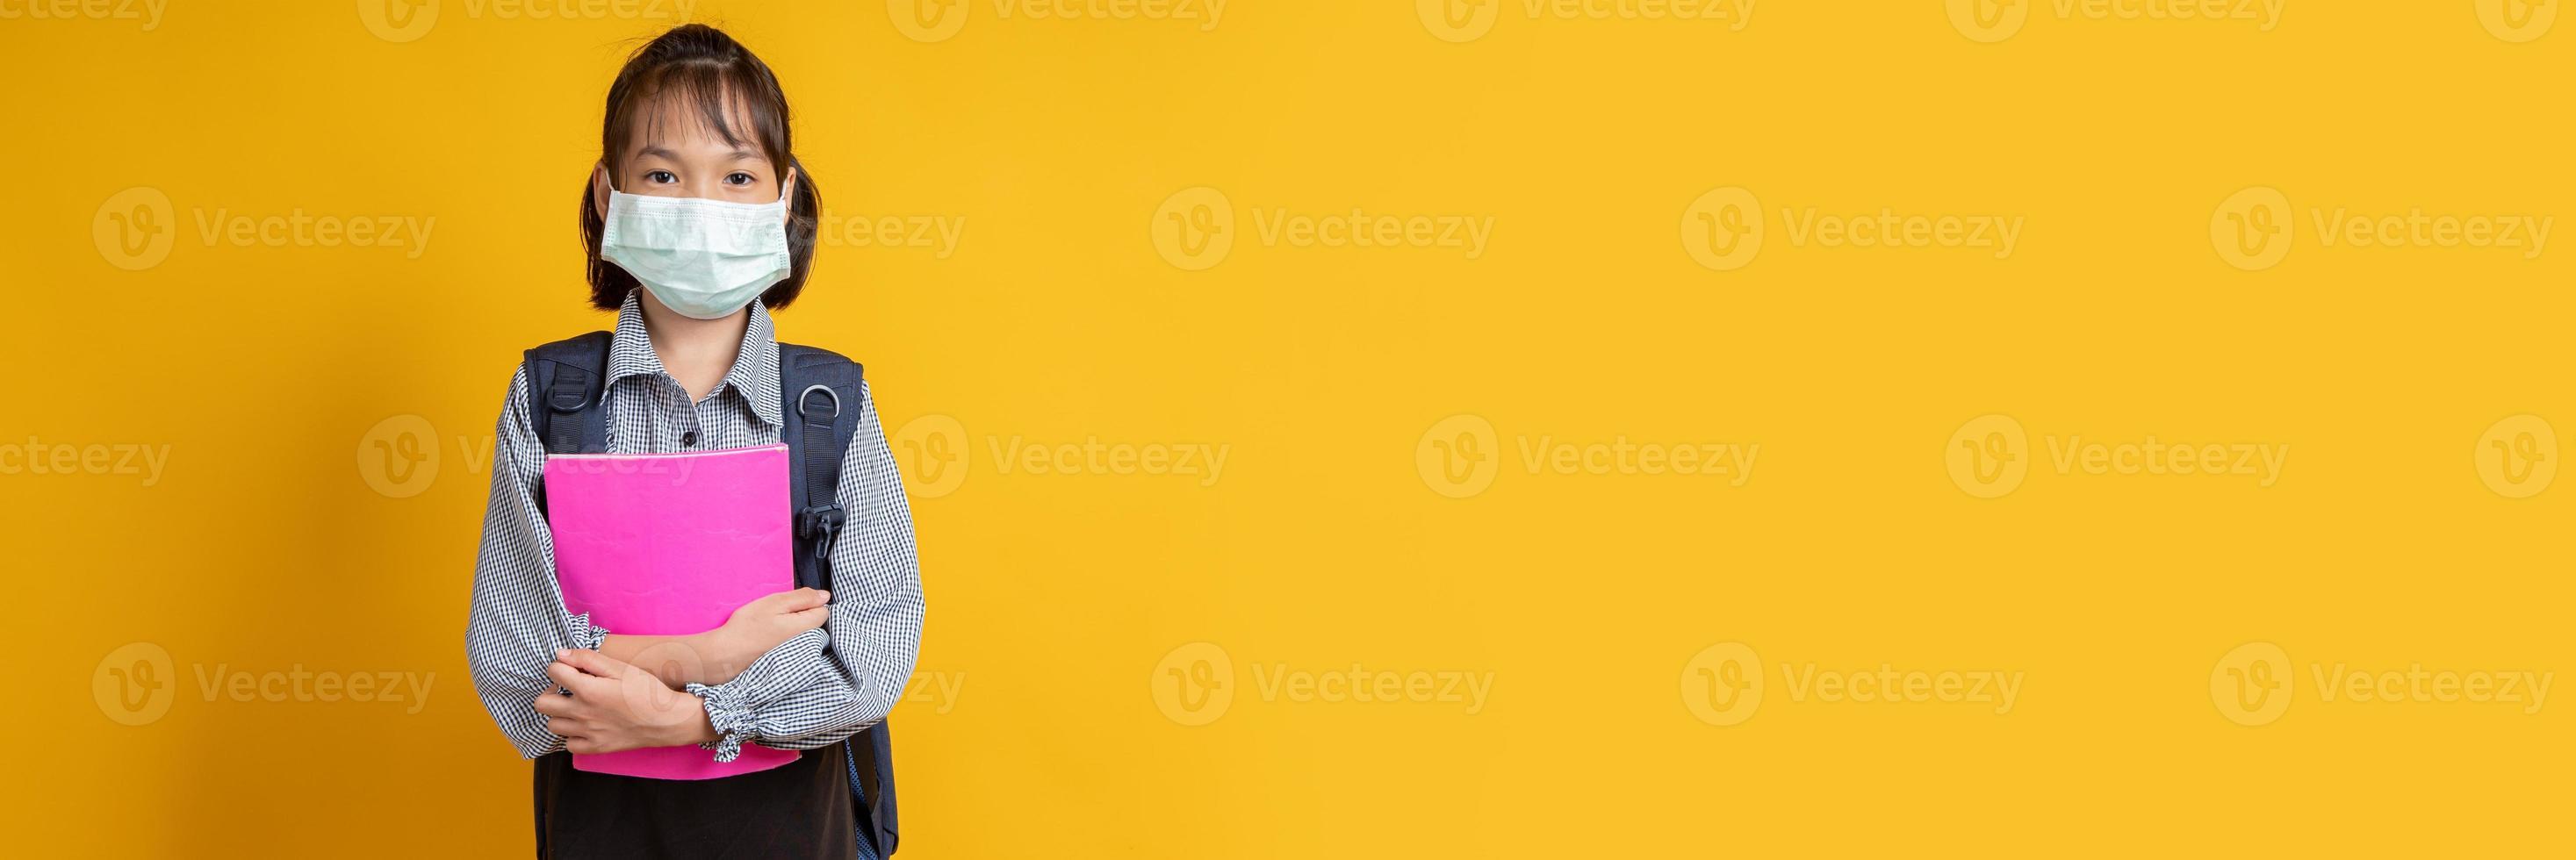 menina asiática usando máscara facial usando mochila e segurando livros olhando para a câmera com fundo amarelo foto